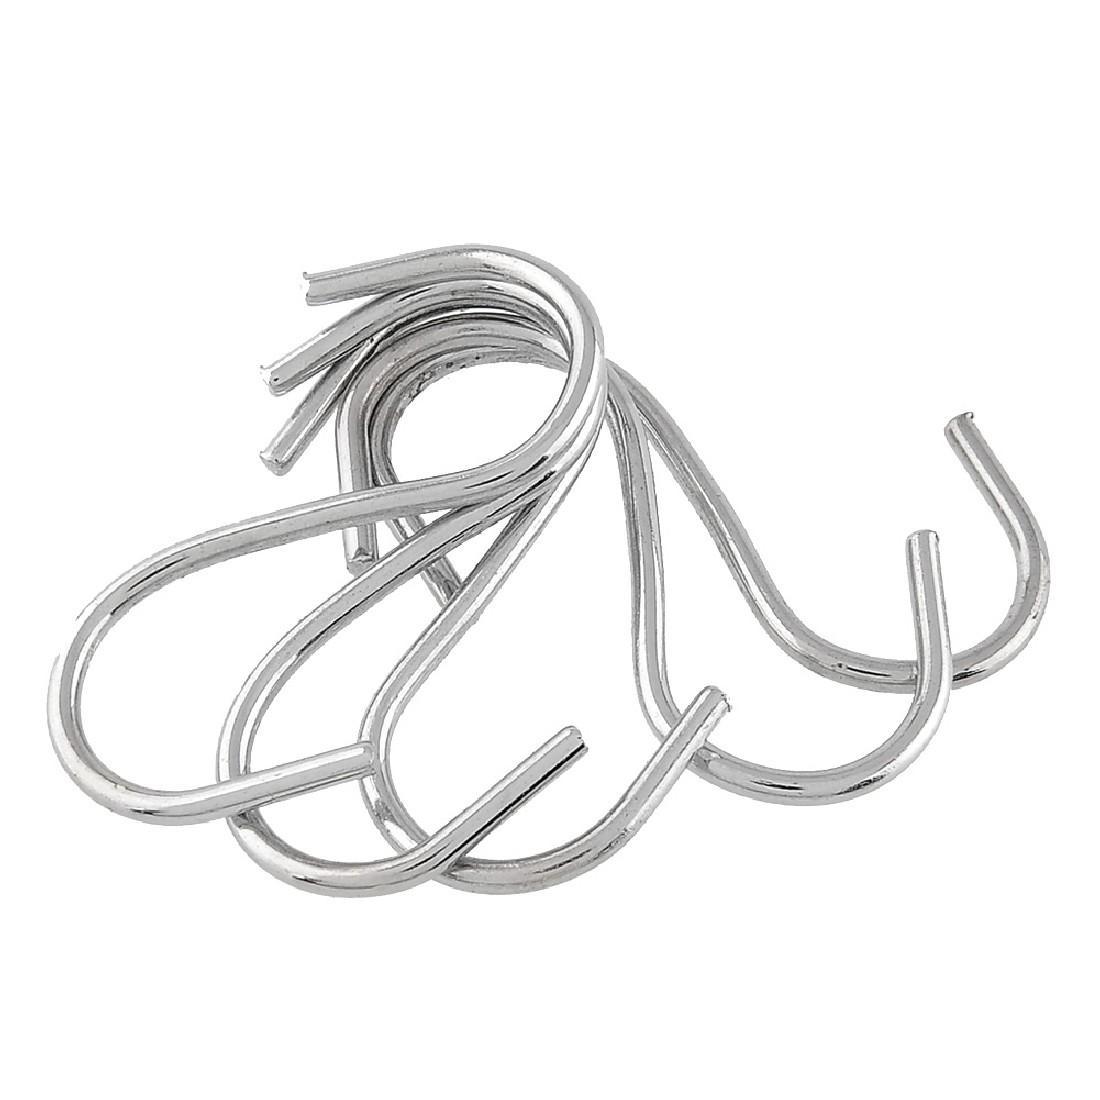 Ganchos en forma de S Colgadores de suspensión de la cocina Organizadores de almacenamiento Hogar Hogar Esencial 20 unids / set